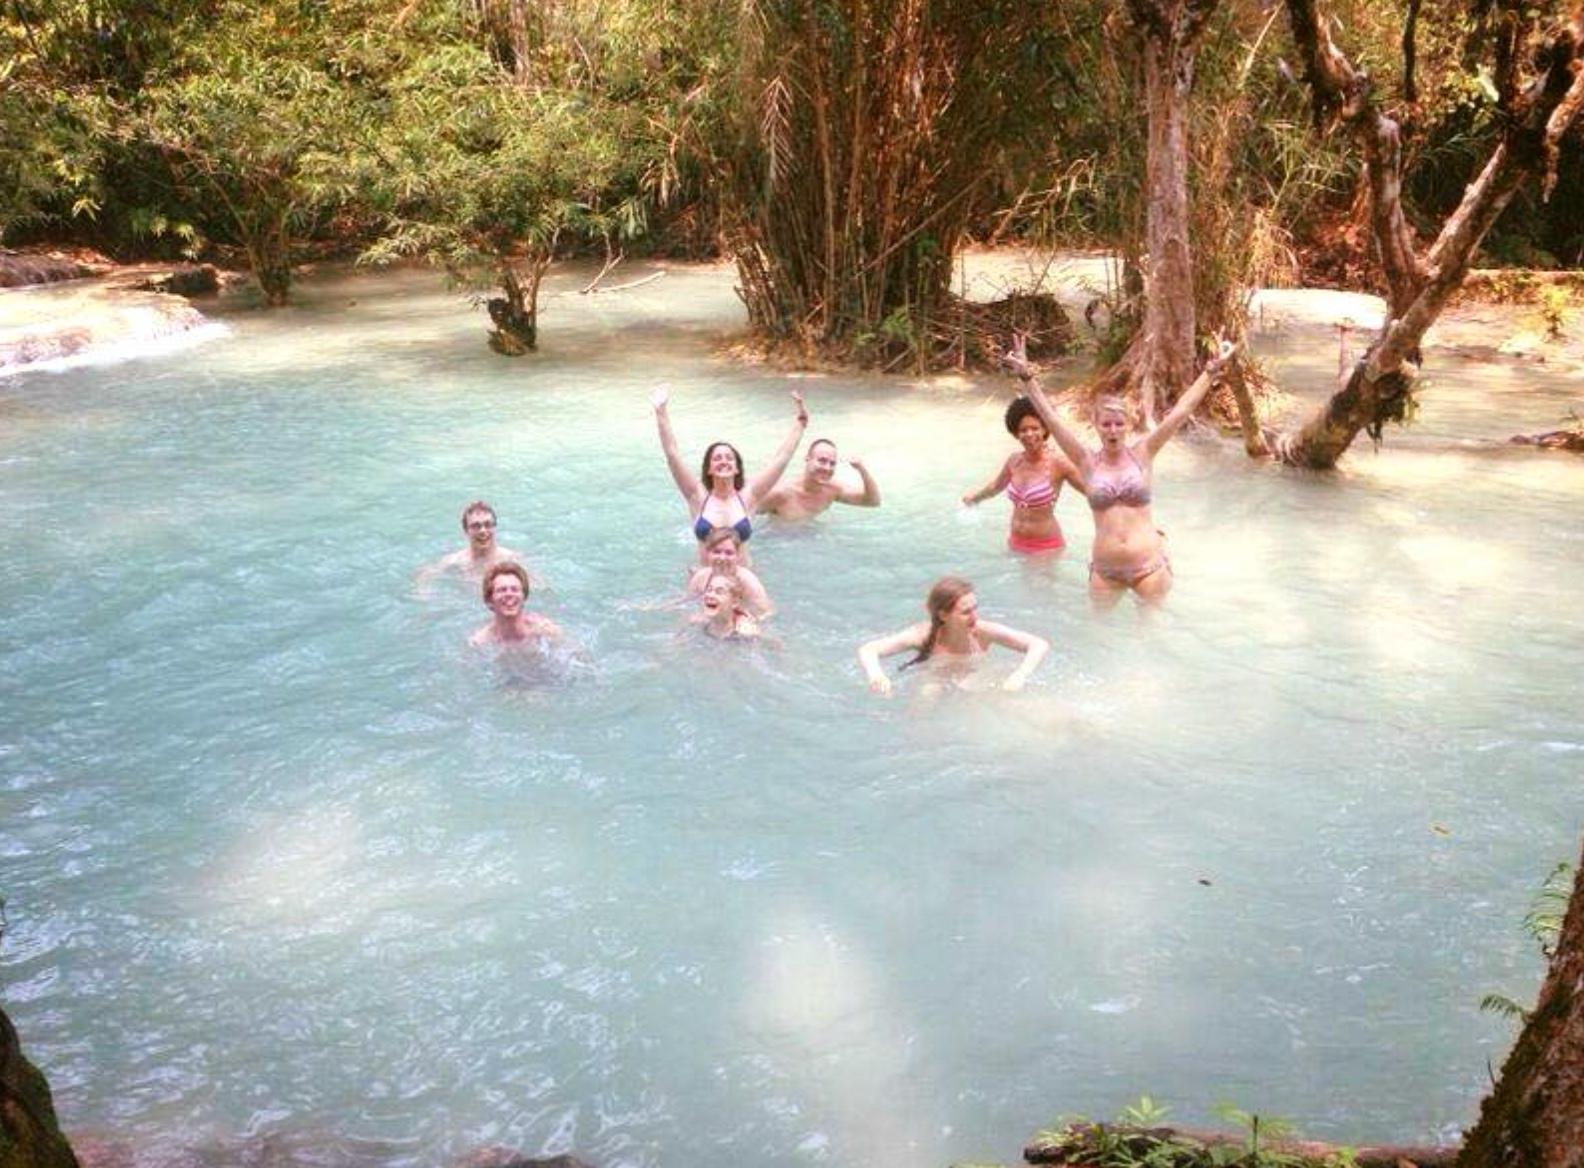 Thailand fun in a natural lake